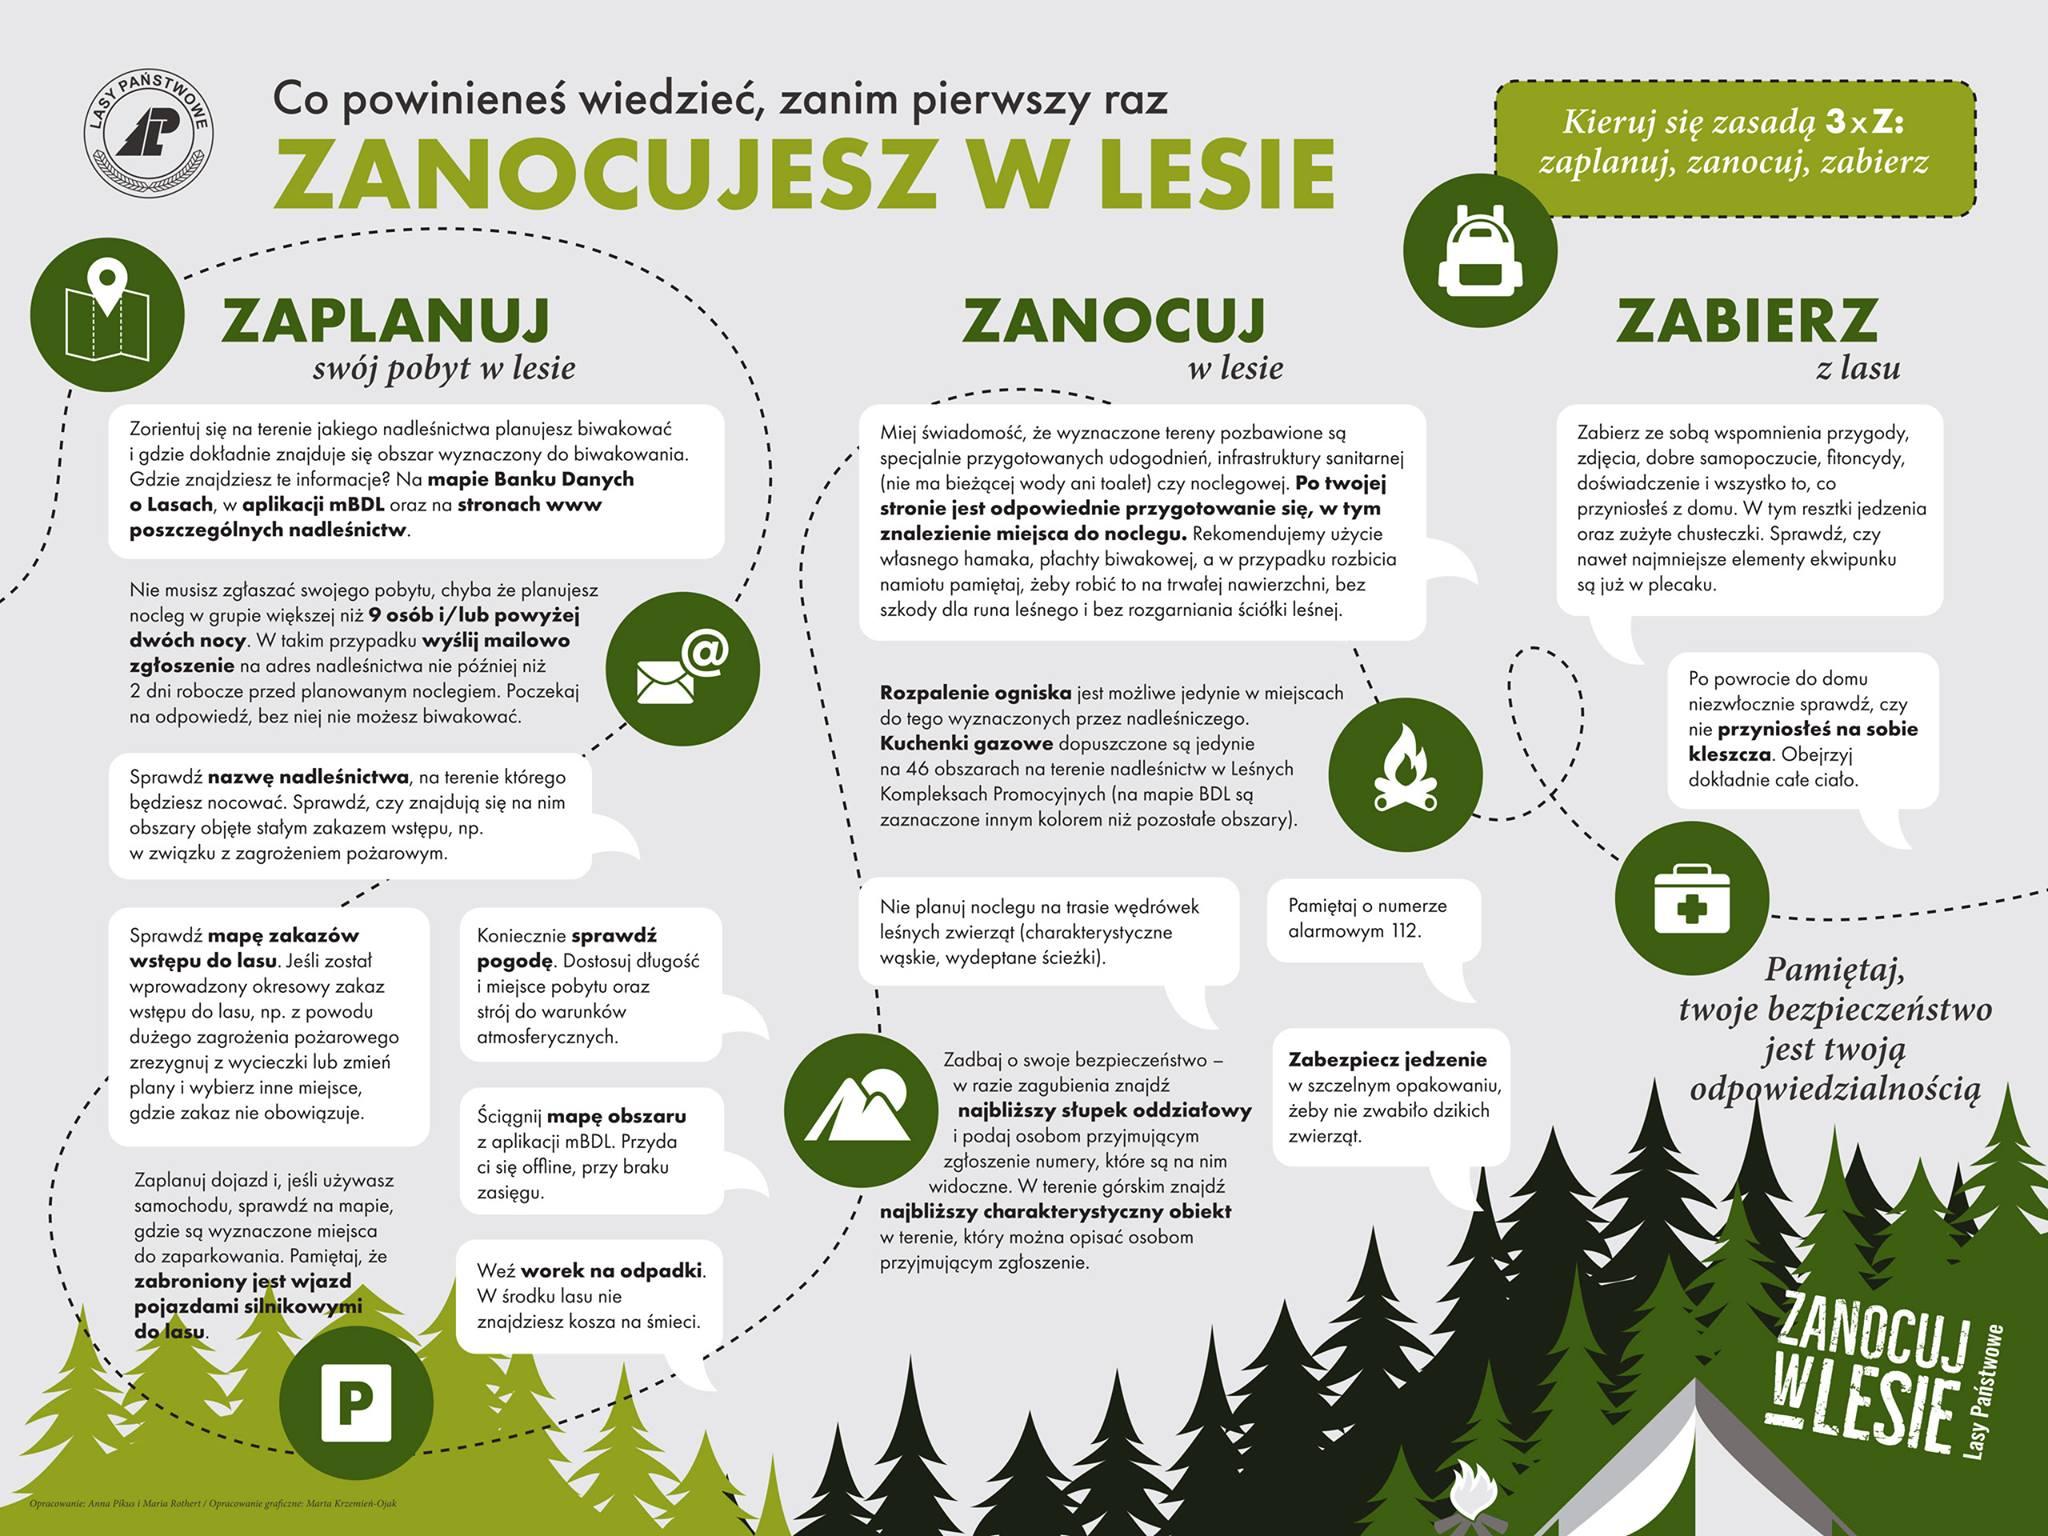 zanocuj w lesie co warto wiedzieć